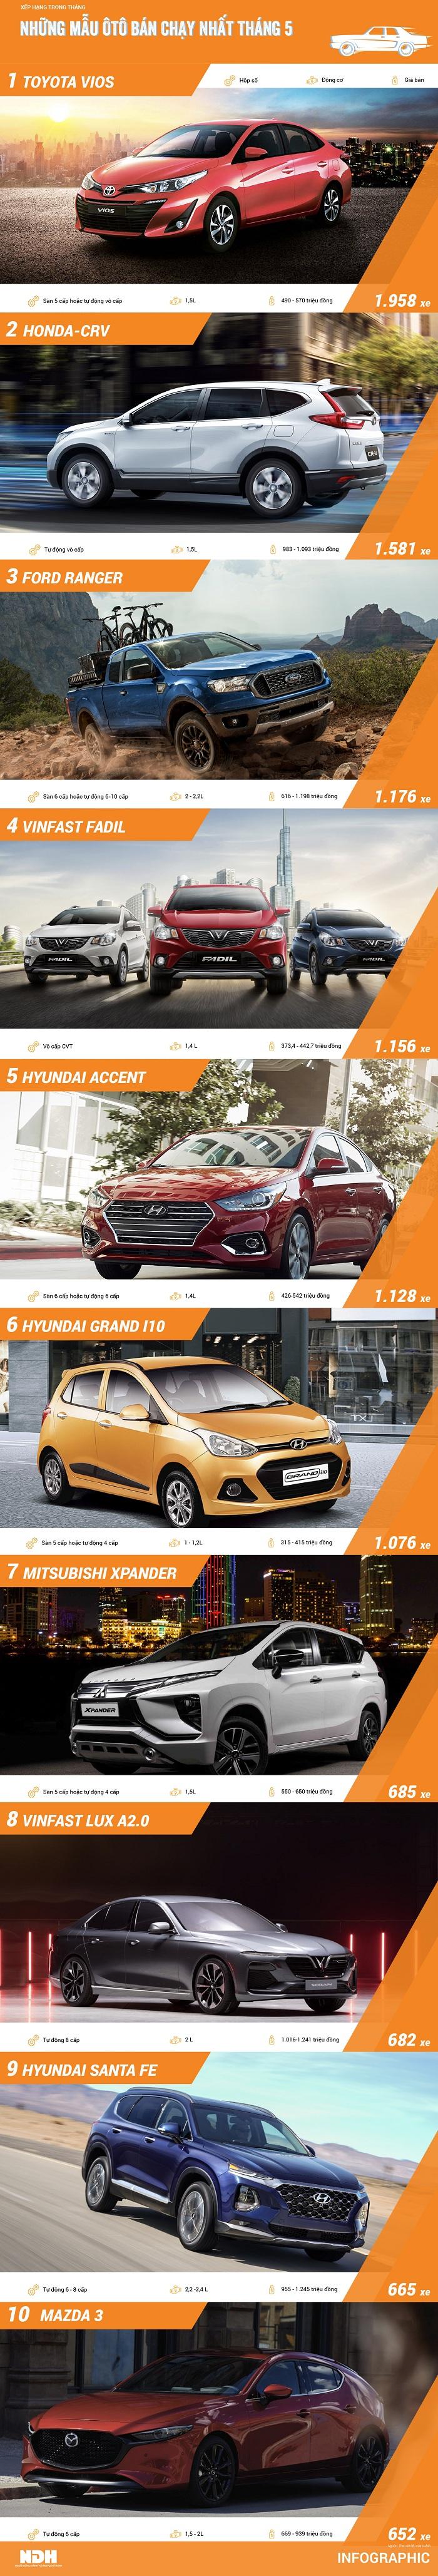 Top ôtô bán chạy tháng 5: Lần đầu 2 mẫu xe VinFast góp mặt